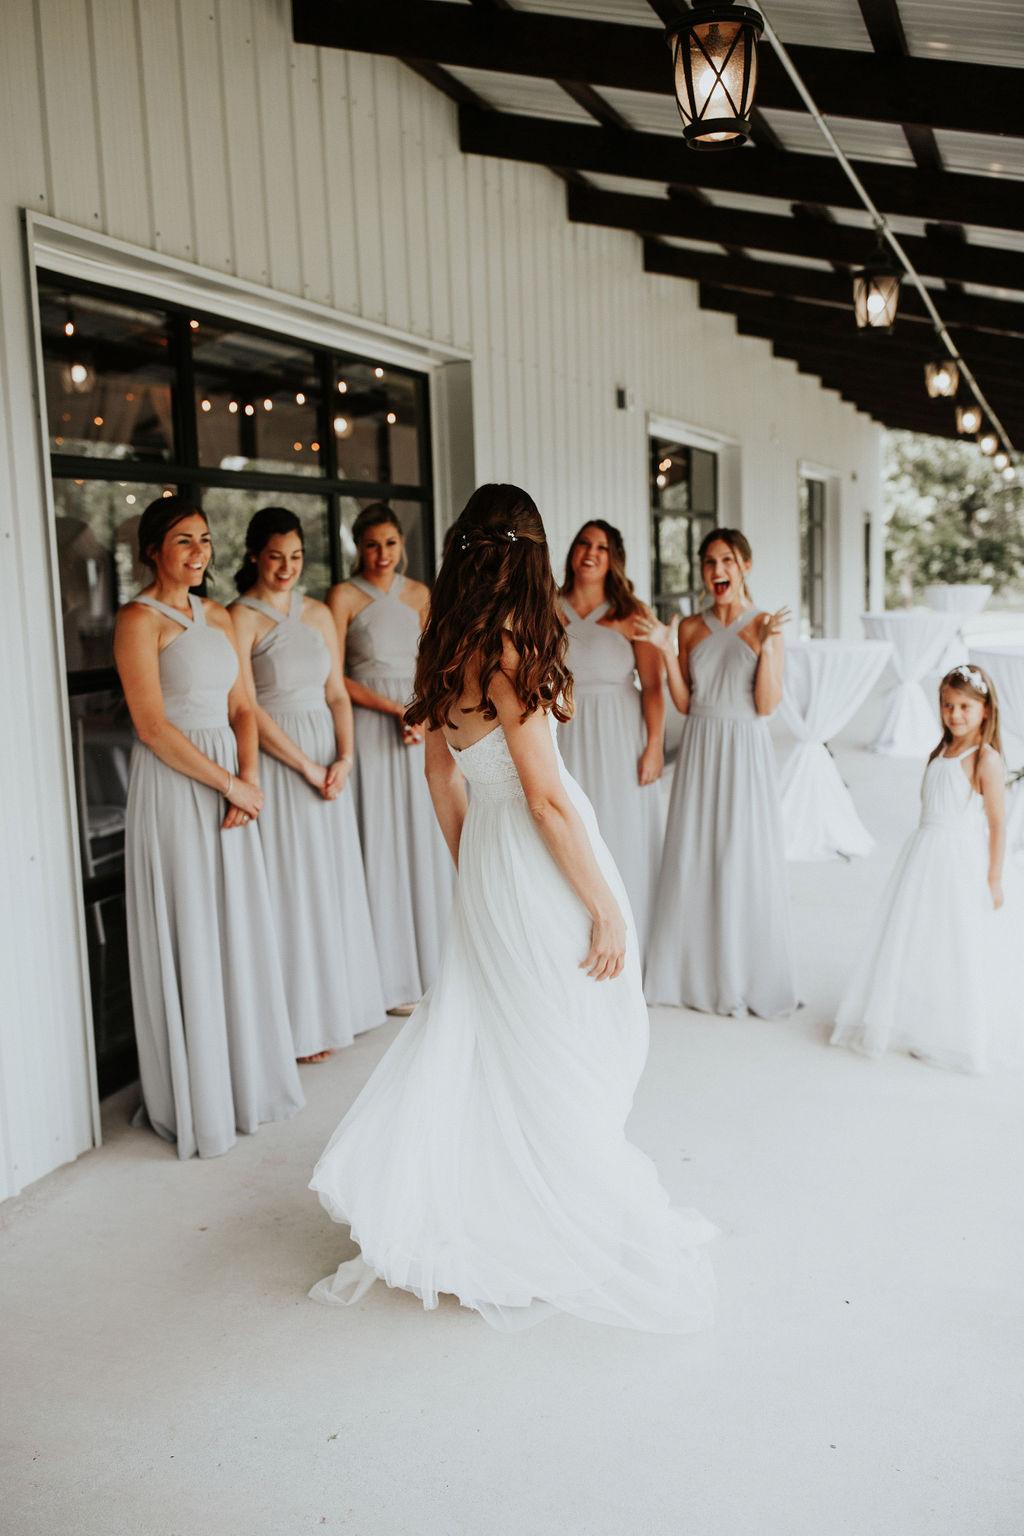 Tulsa Outdoor Wedding Venues 14.jpg